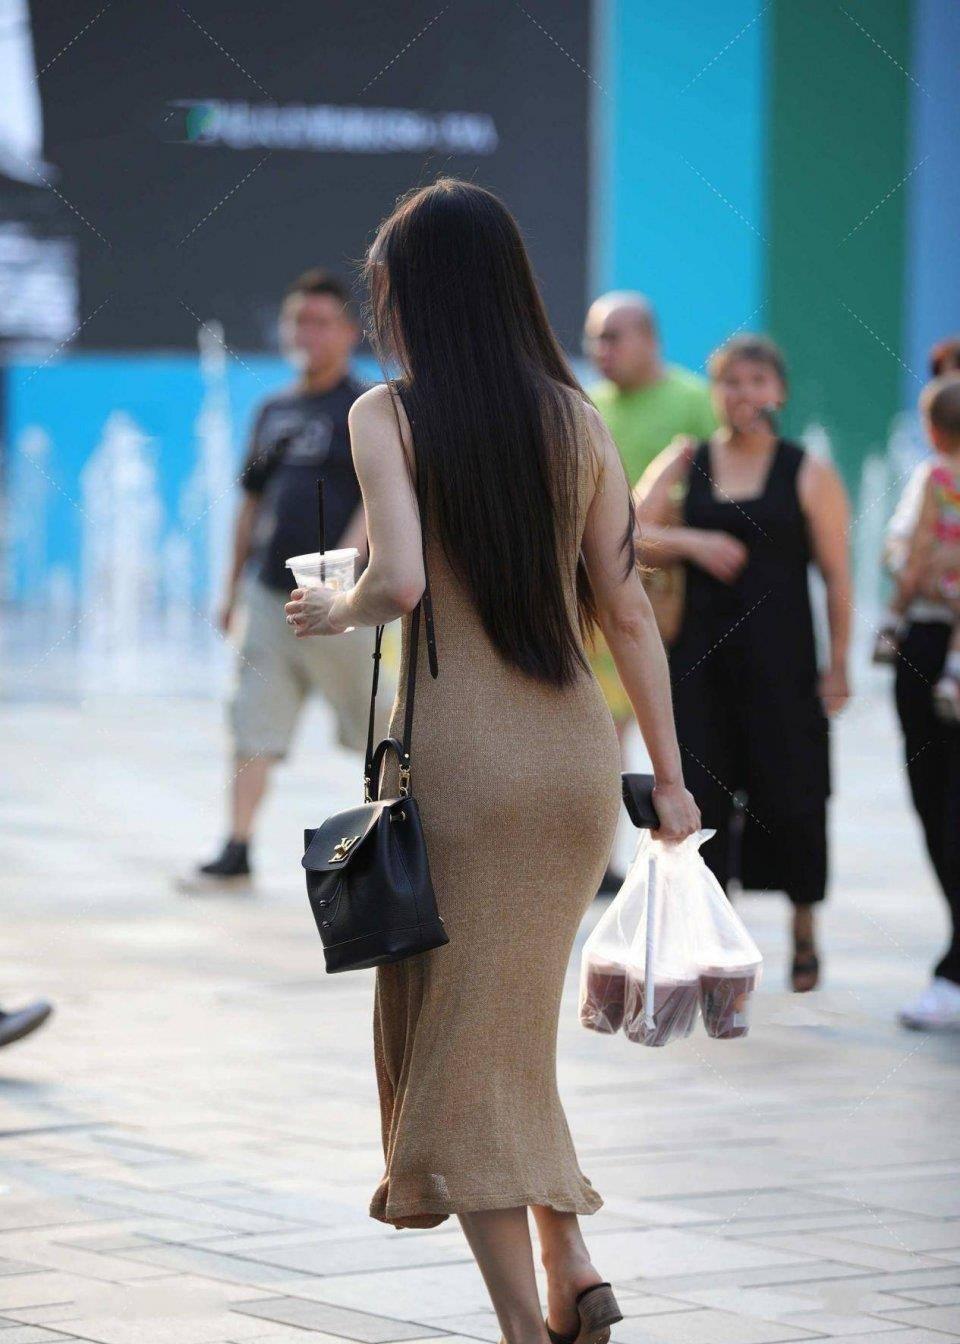 夏天想要穿得清爽簡潔,試試吊帶加短褲吧